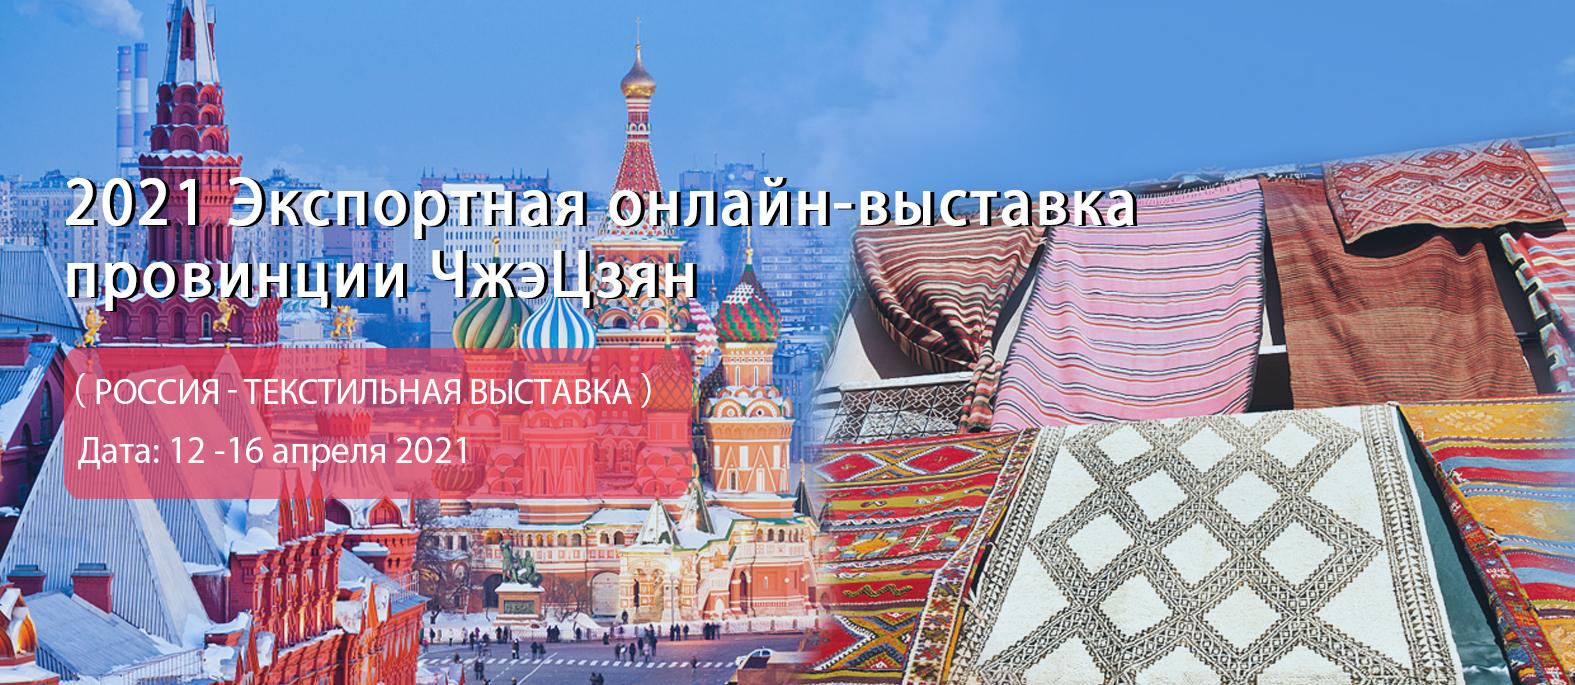 俄罗斯纺织展